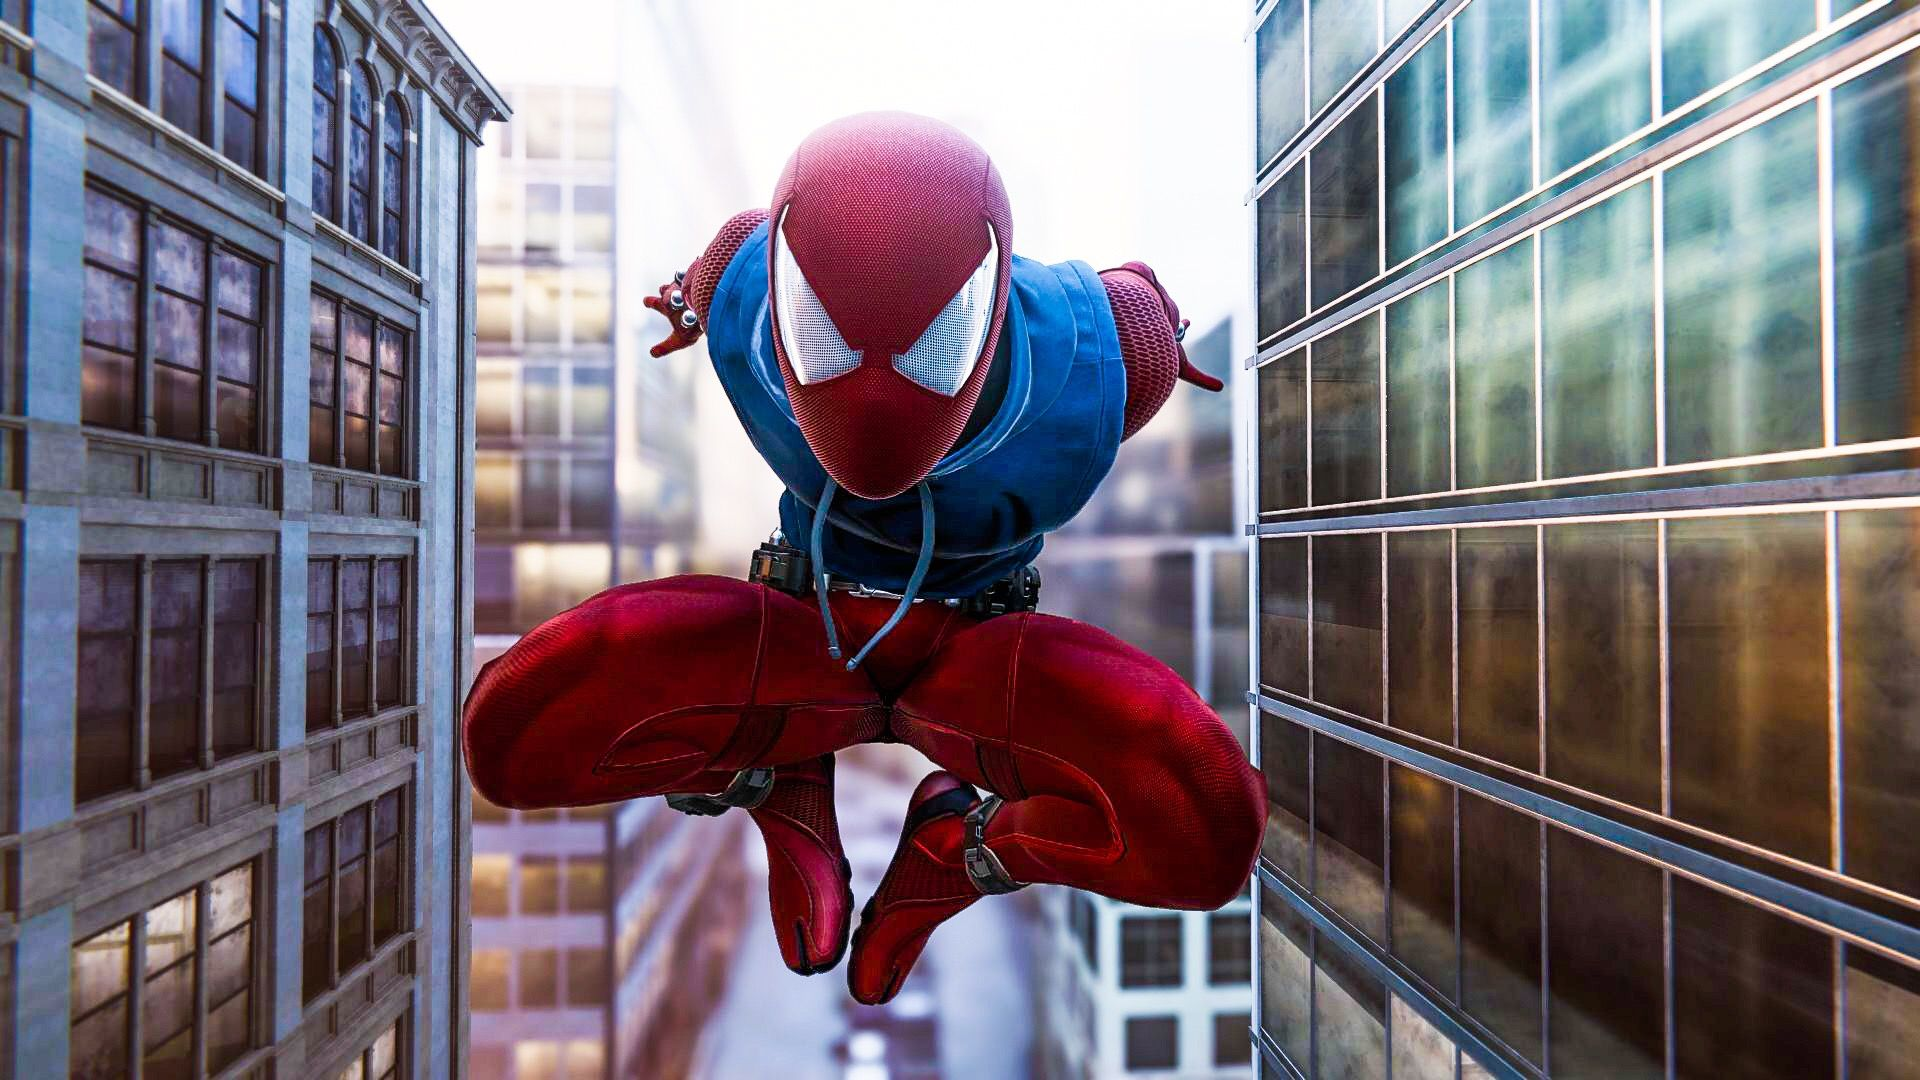 The Scarlet Spider Spiderman Spidermanps4 Spider Man Scarlet